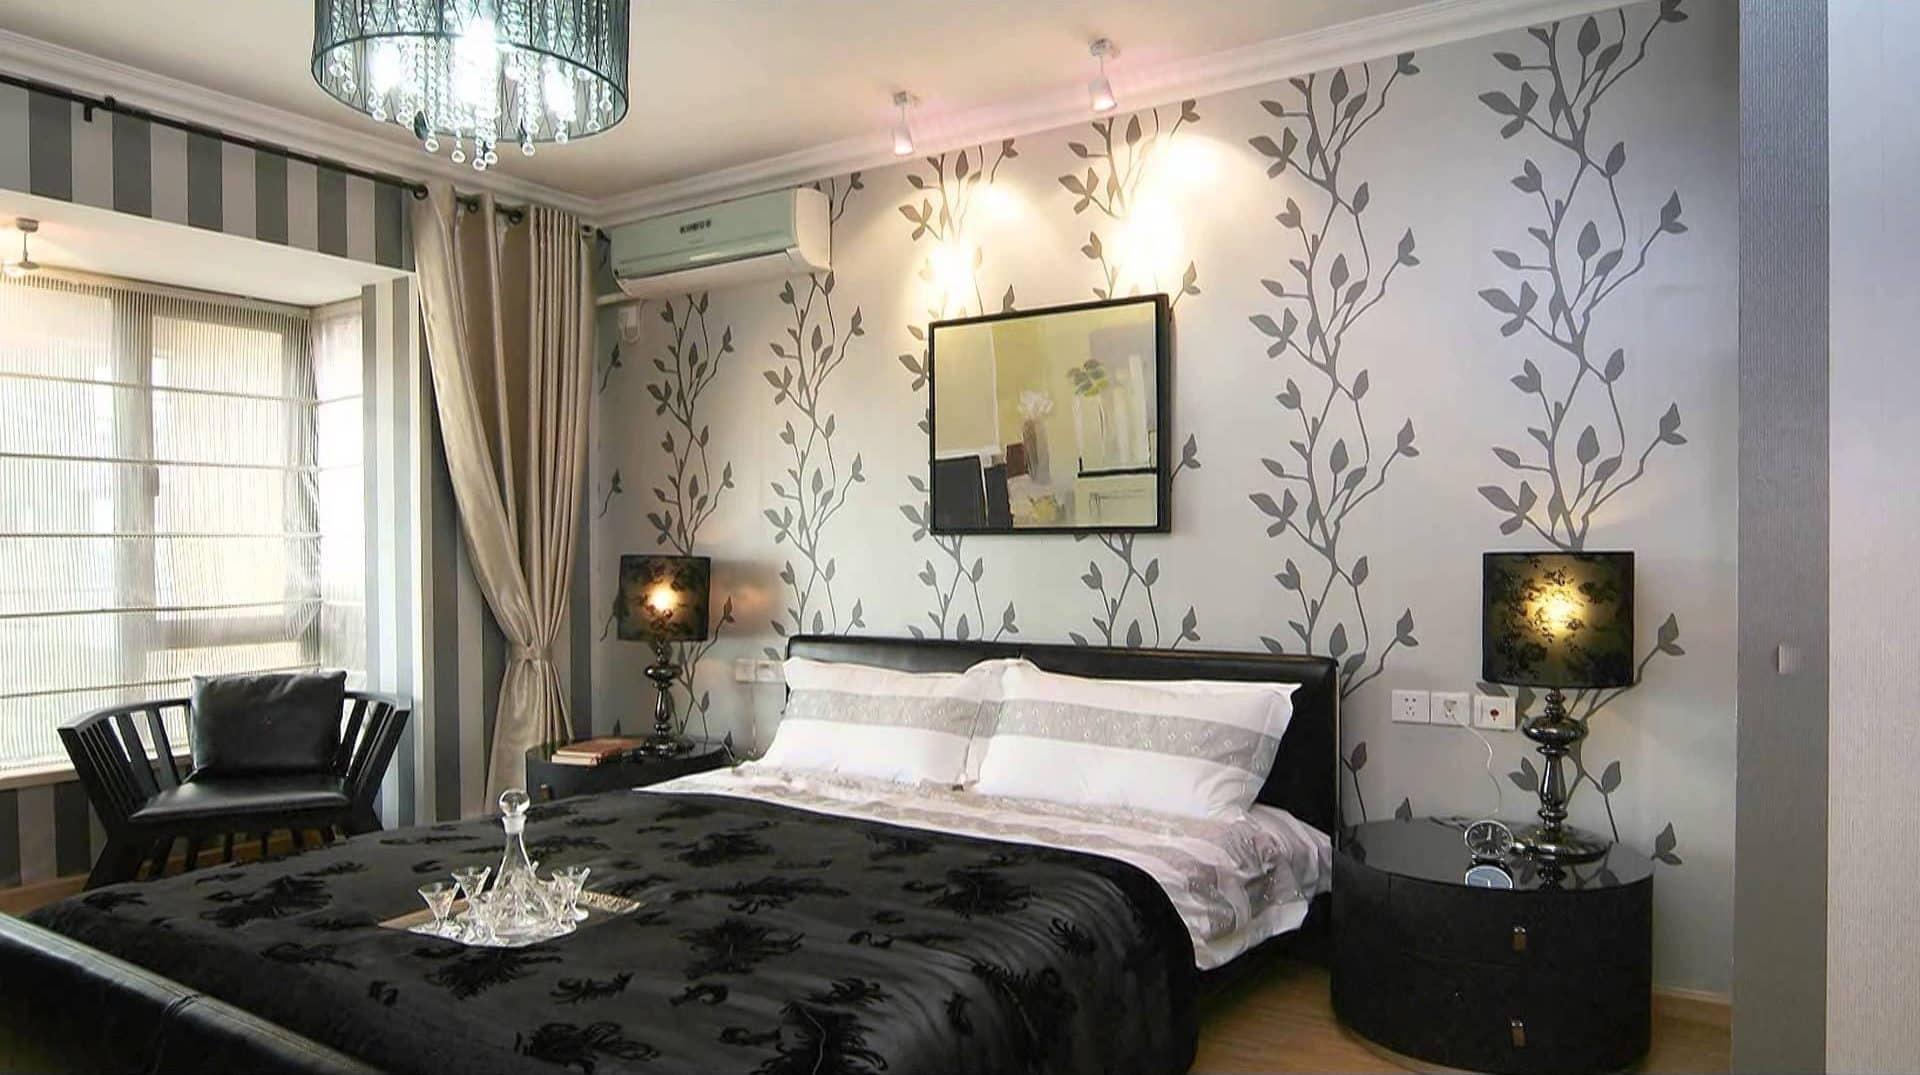 Как подобрать цвет обоев в спальню | Узоры и орнаменты